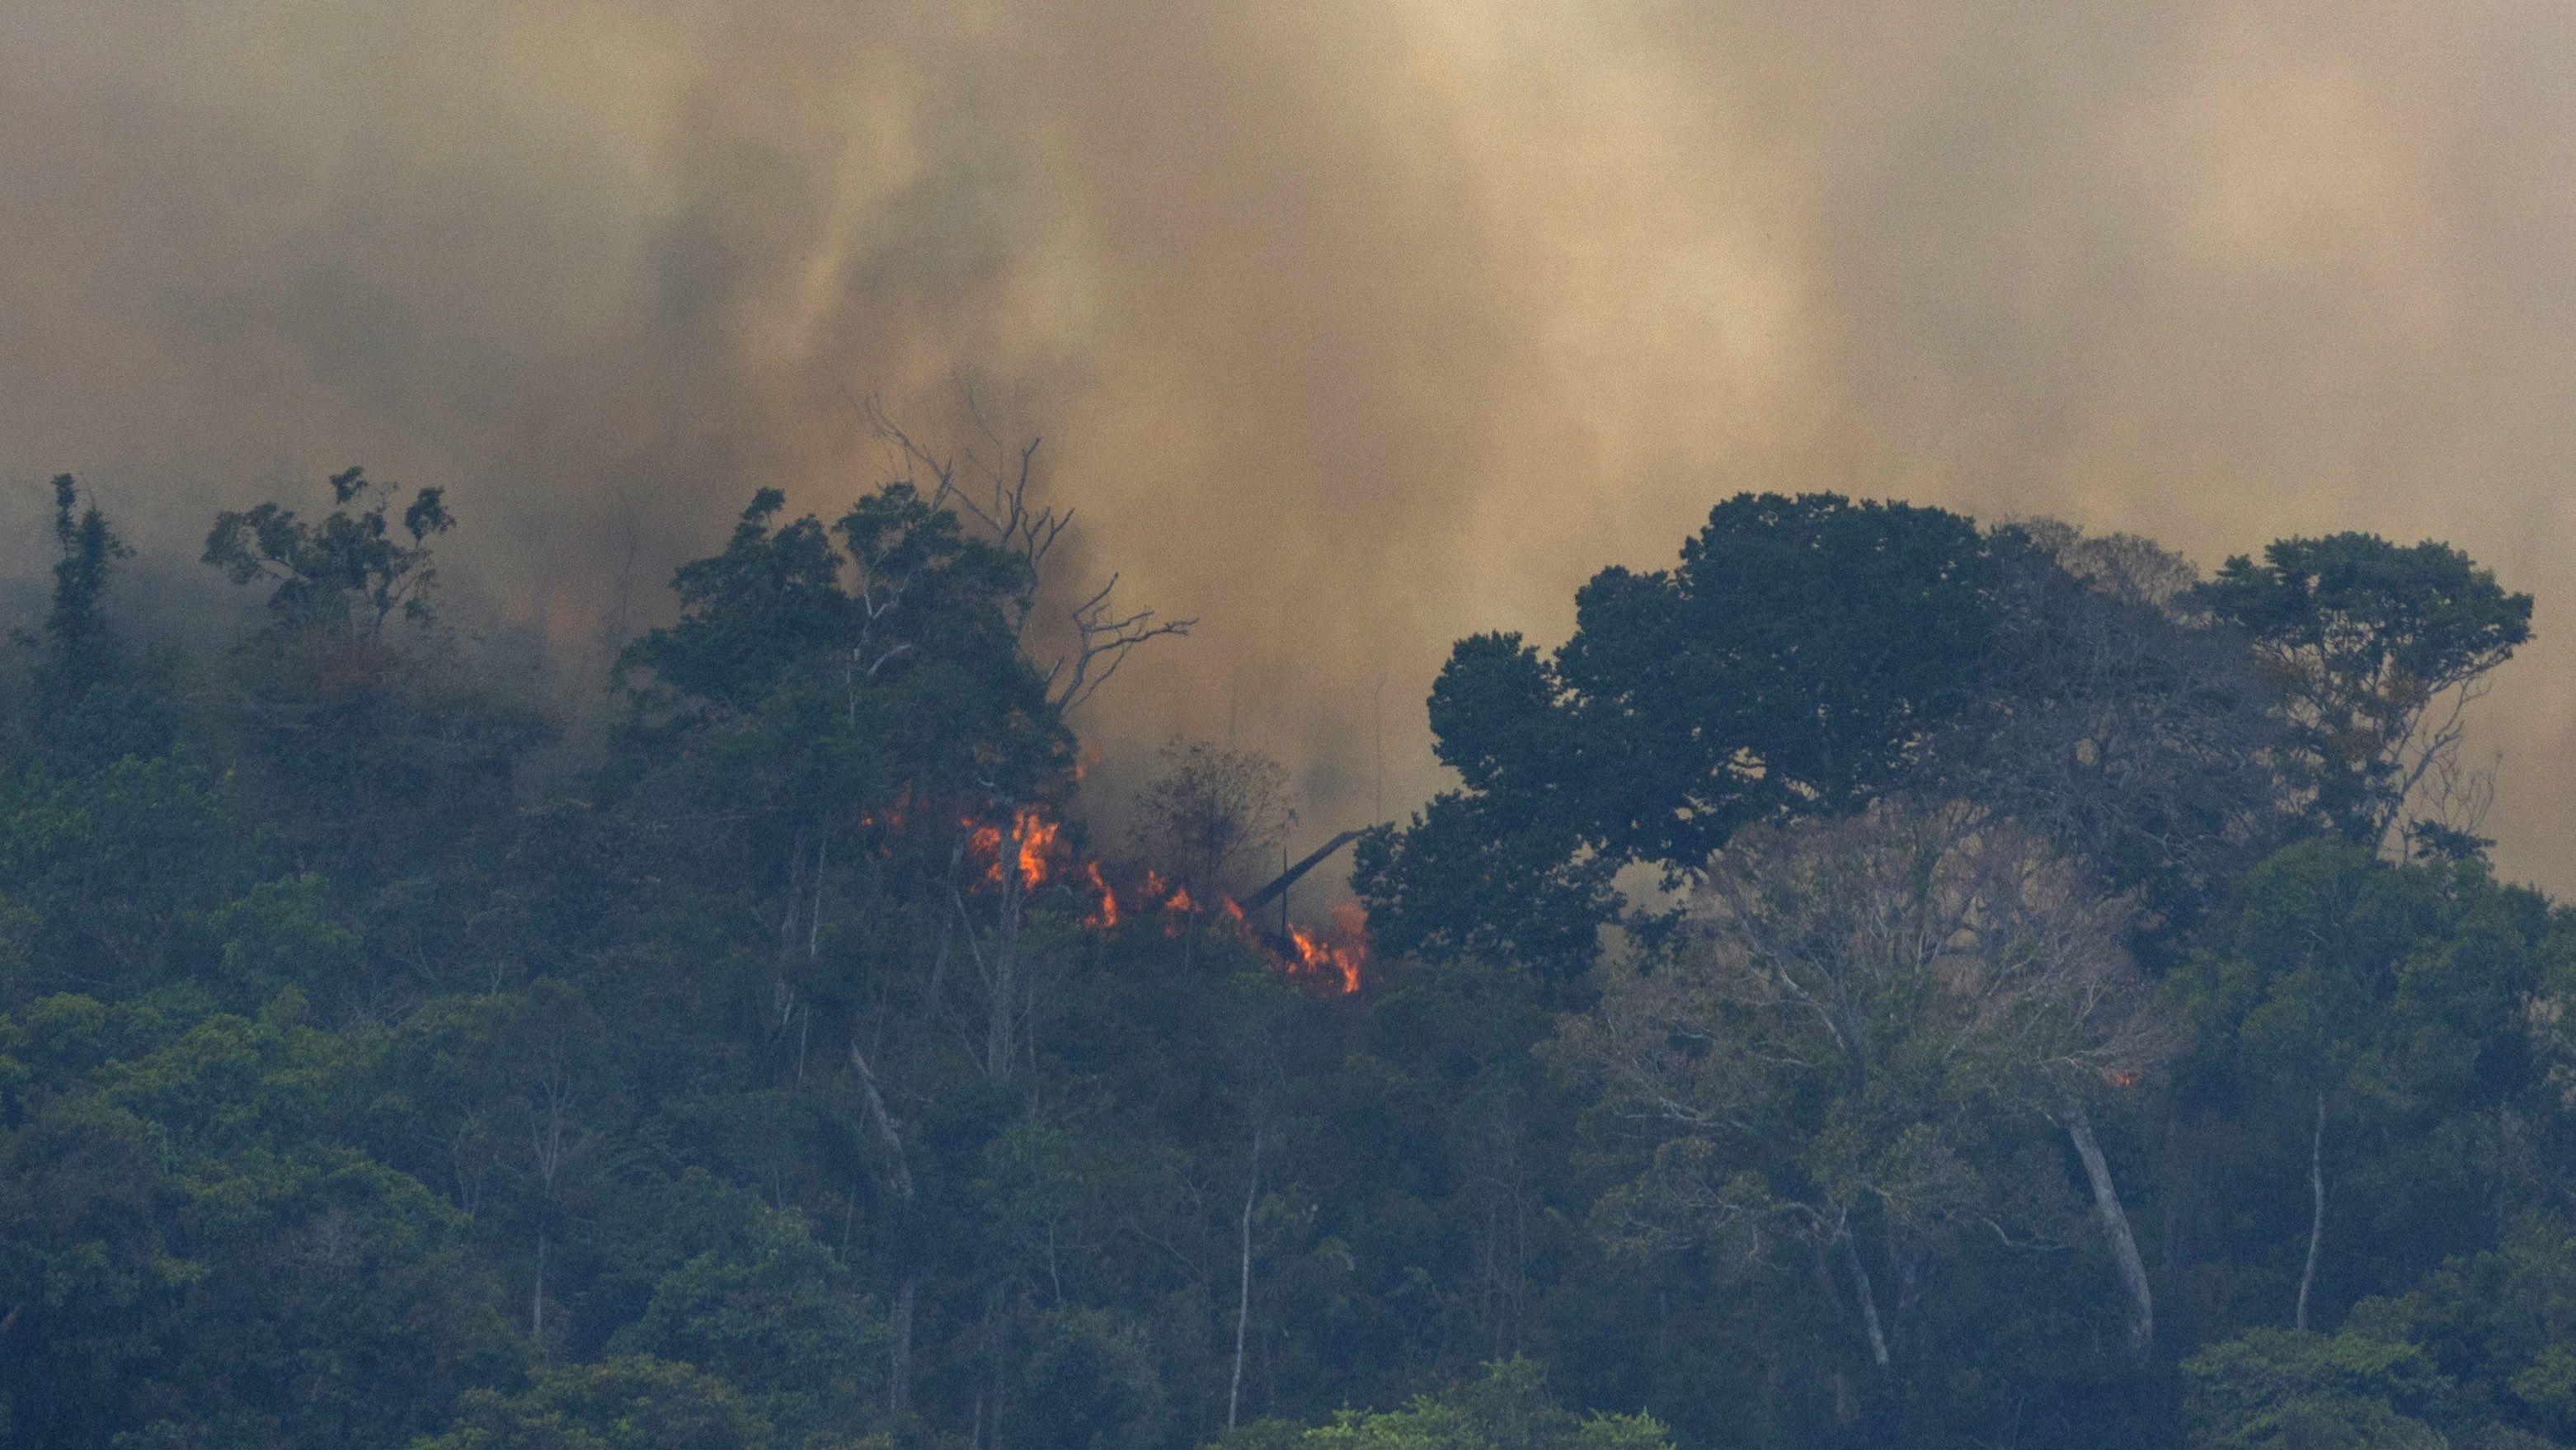 アマゾン森林火災、 「臨界点」超えの恐れ